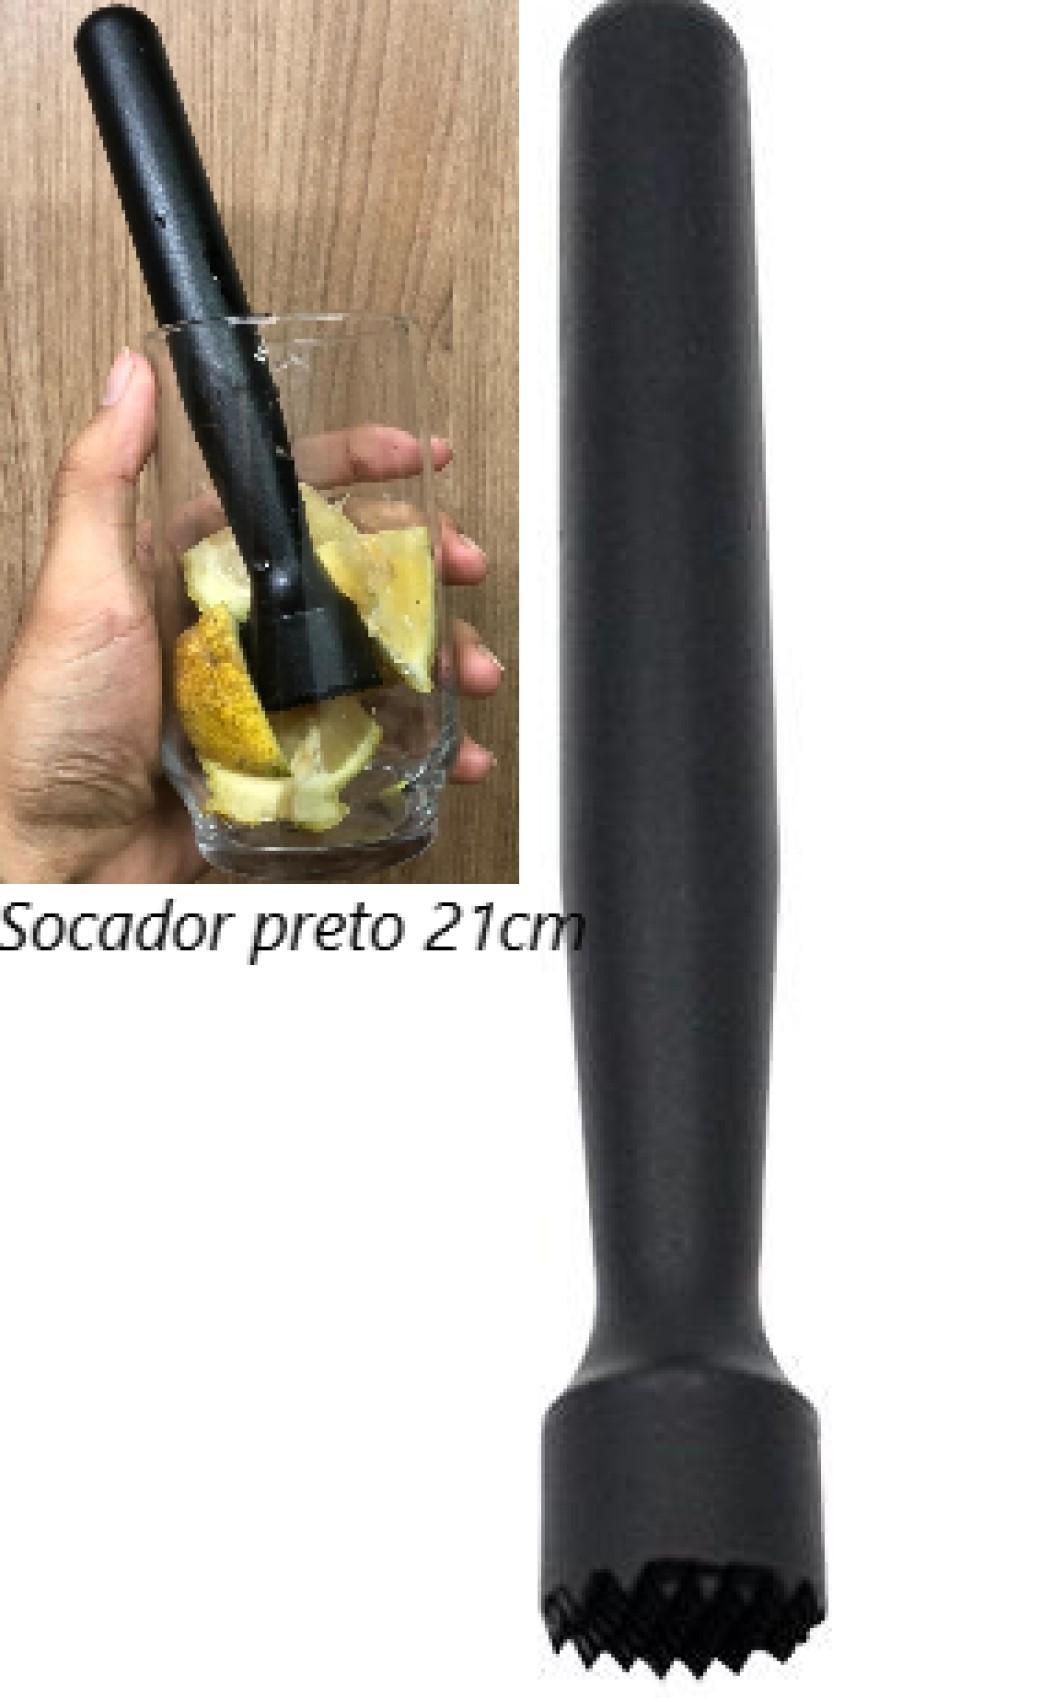 macerador socador de caipirinha preto para drinks e cozinha pilão alho onix